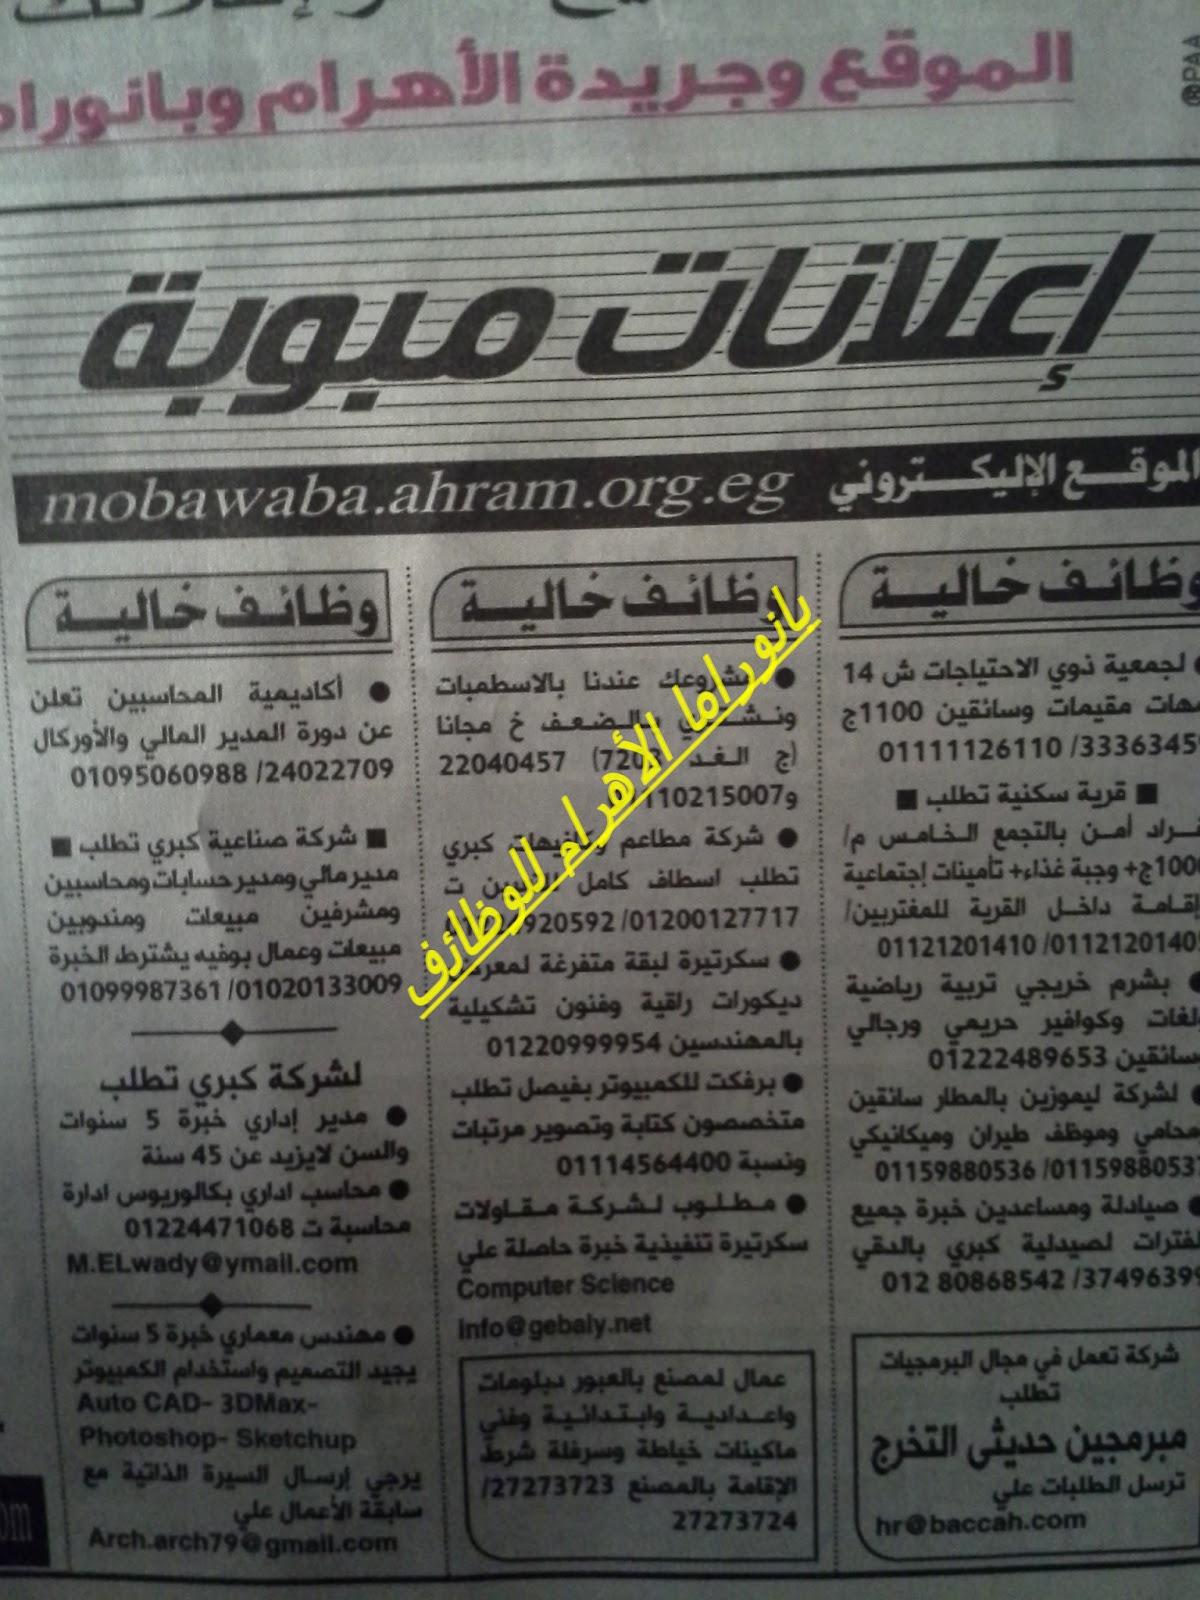 6c34762c5 عمال نجاريين ، جديد آخر وظائف صدرت في جريدة الأهرام عدد الجمعة الاسبوعي ..  تصفح الجريدة pdf مجانا أون لاين .